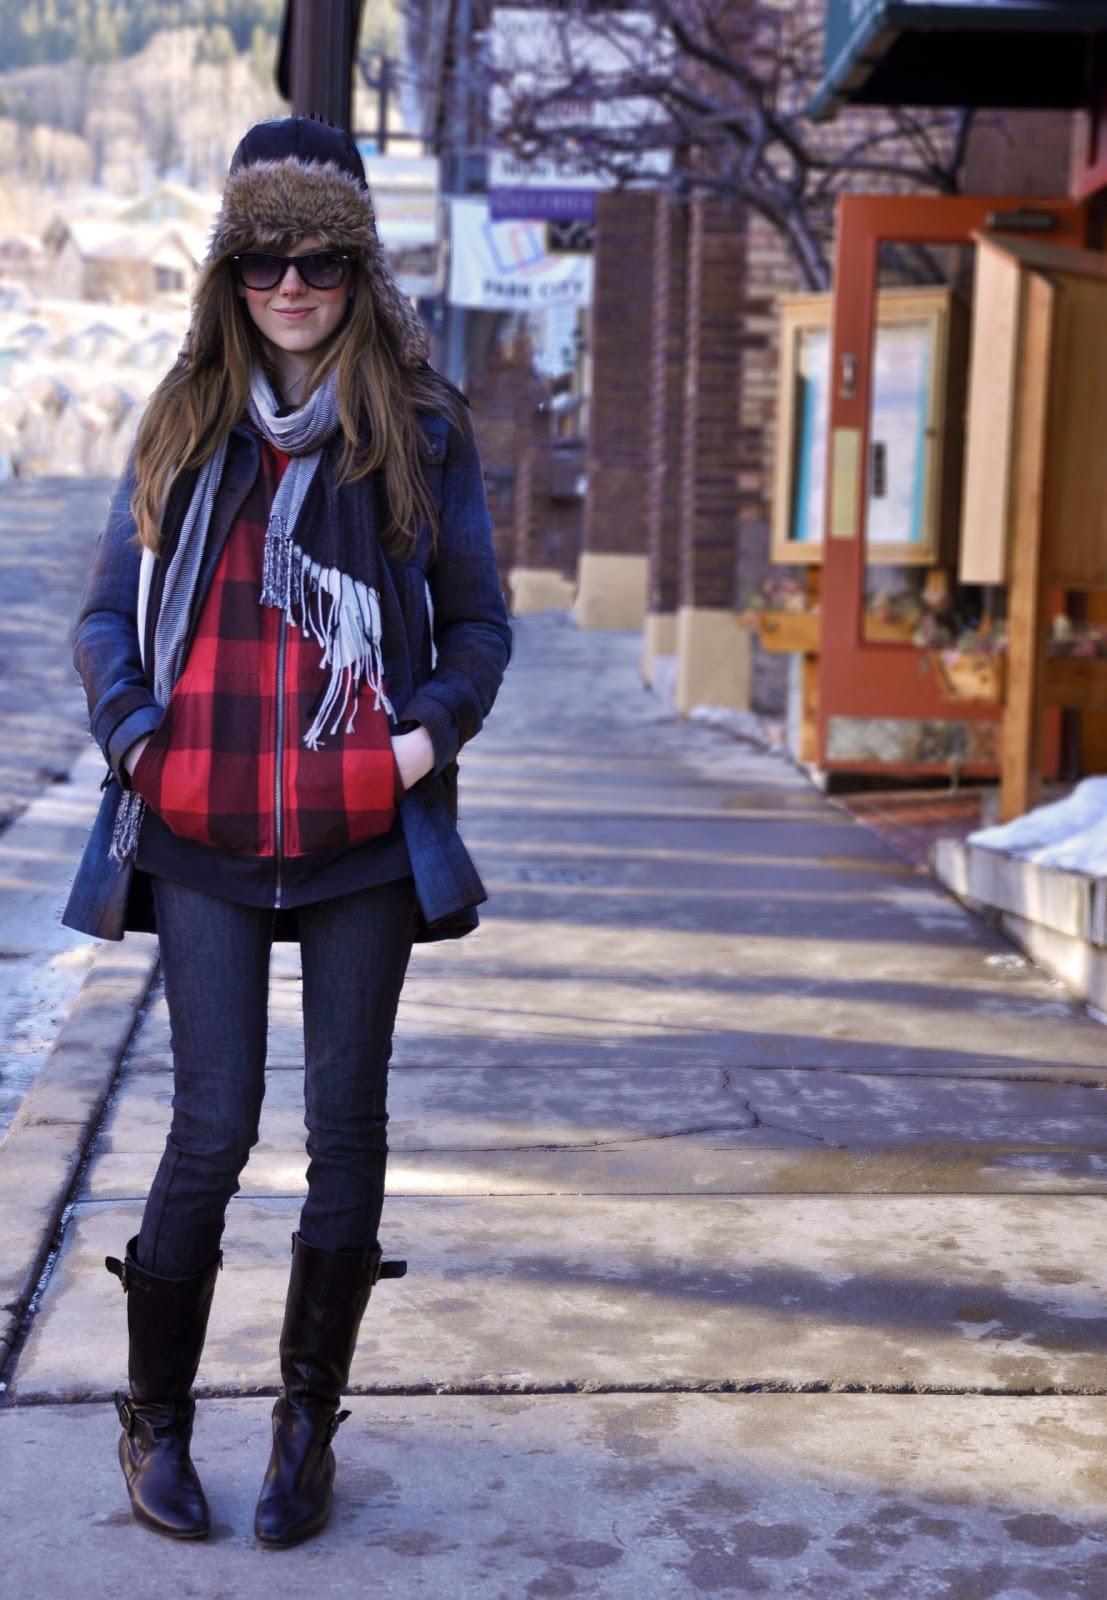 ski lodge style